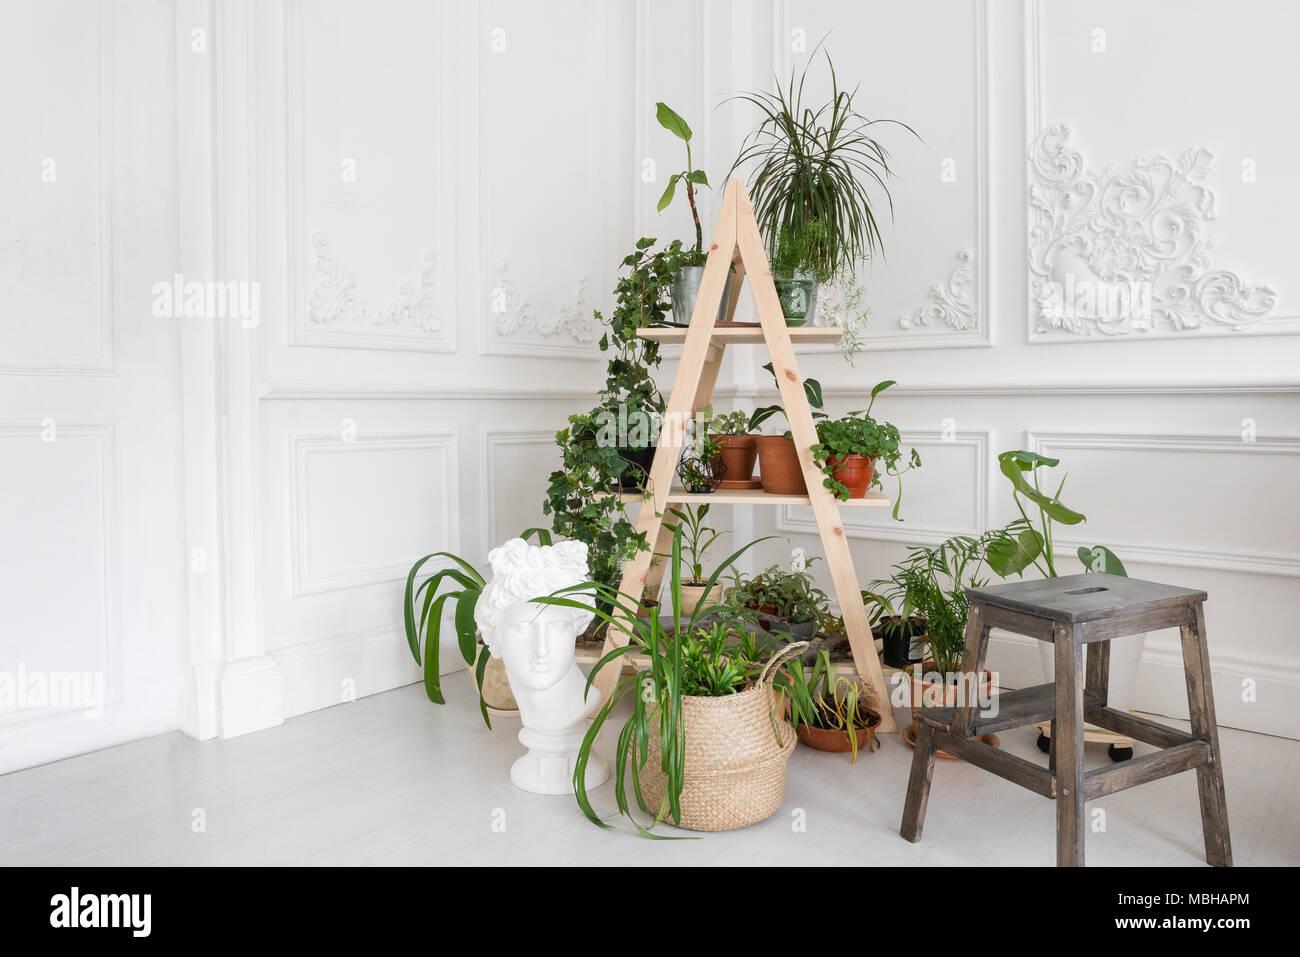 Luxuriöse Helle Einrichtung Im Barockstil Ein Geräumiges Zimmer Mit